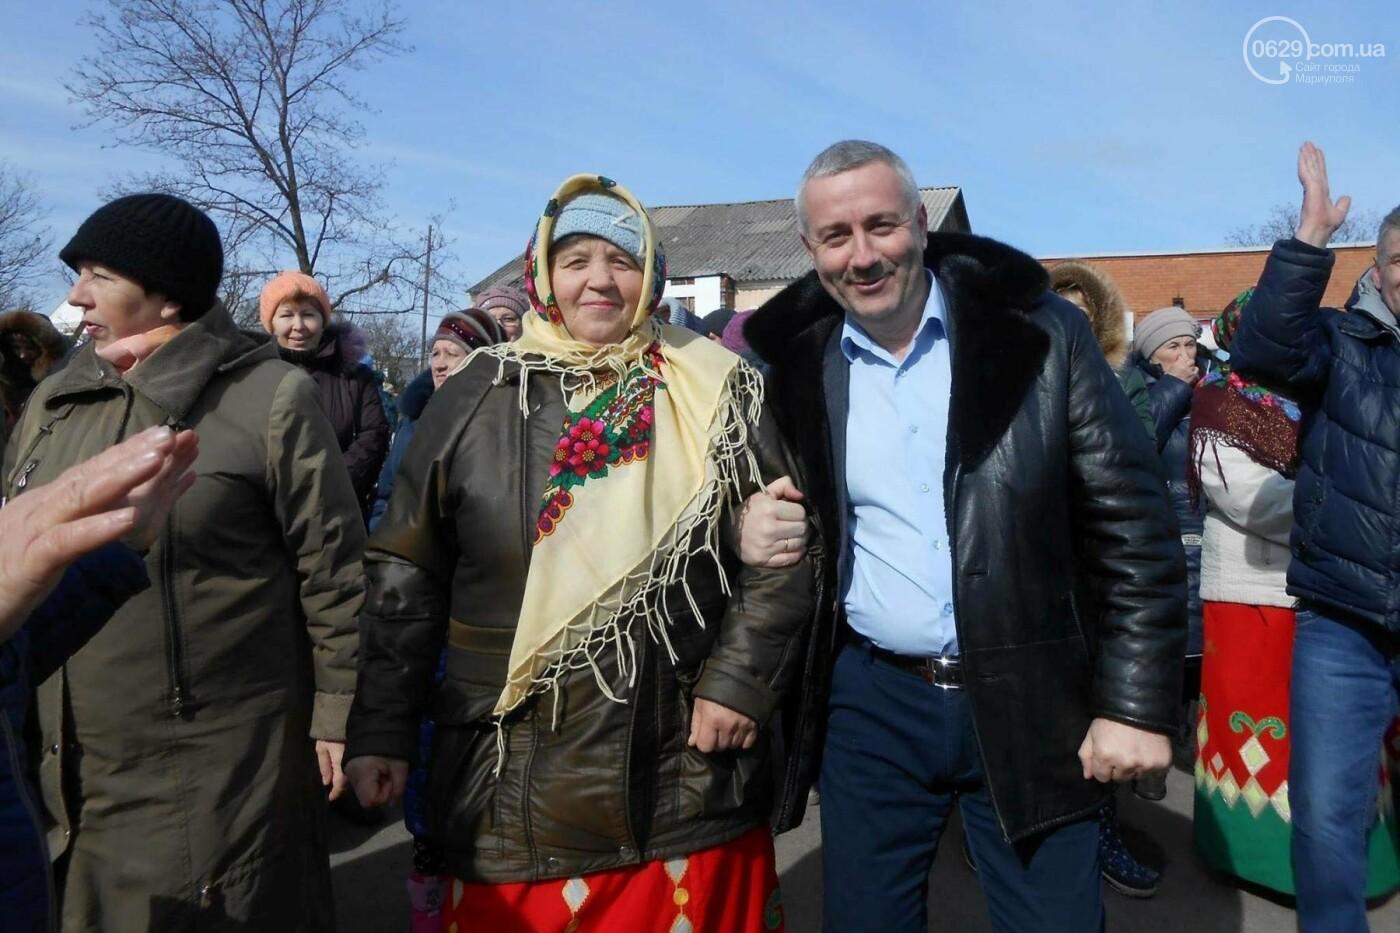 18 февраля в Боевом установят рекорд Украины по выпеканию блинов. Приглашаем на масштабный праздник Масленицы., фото-8